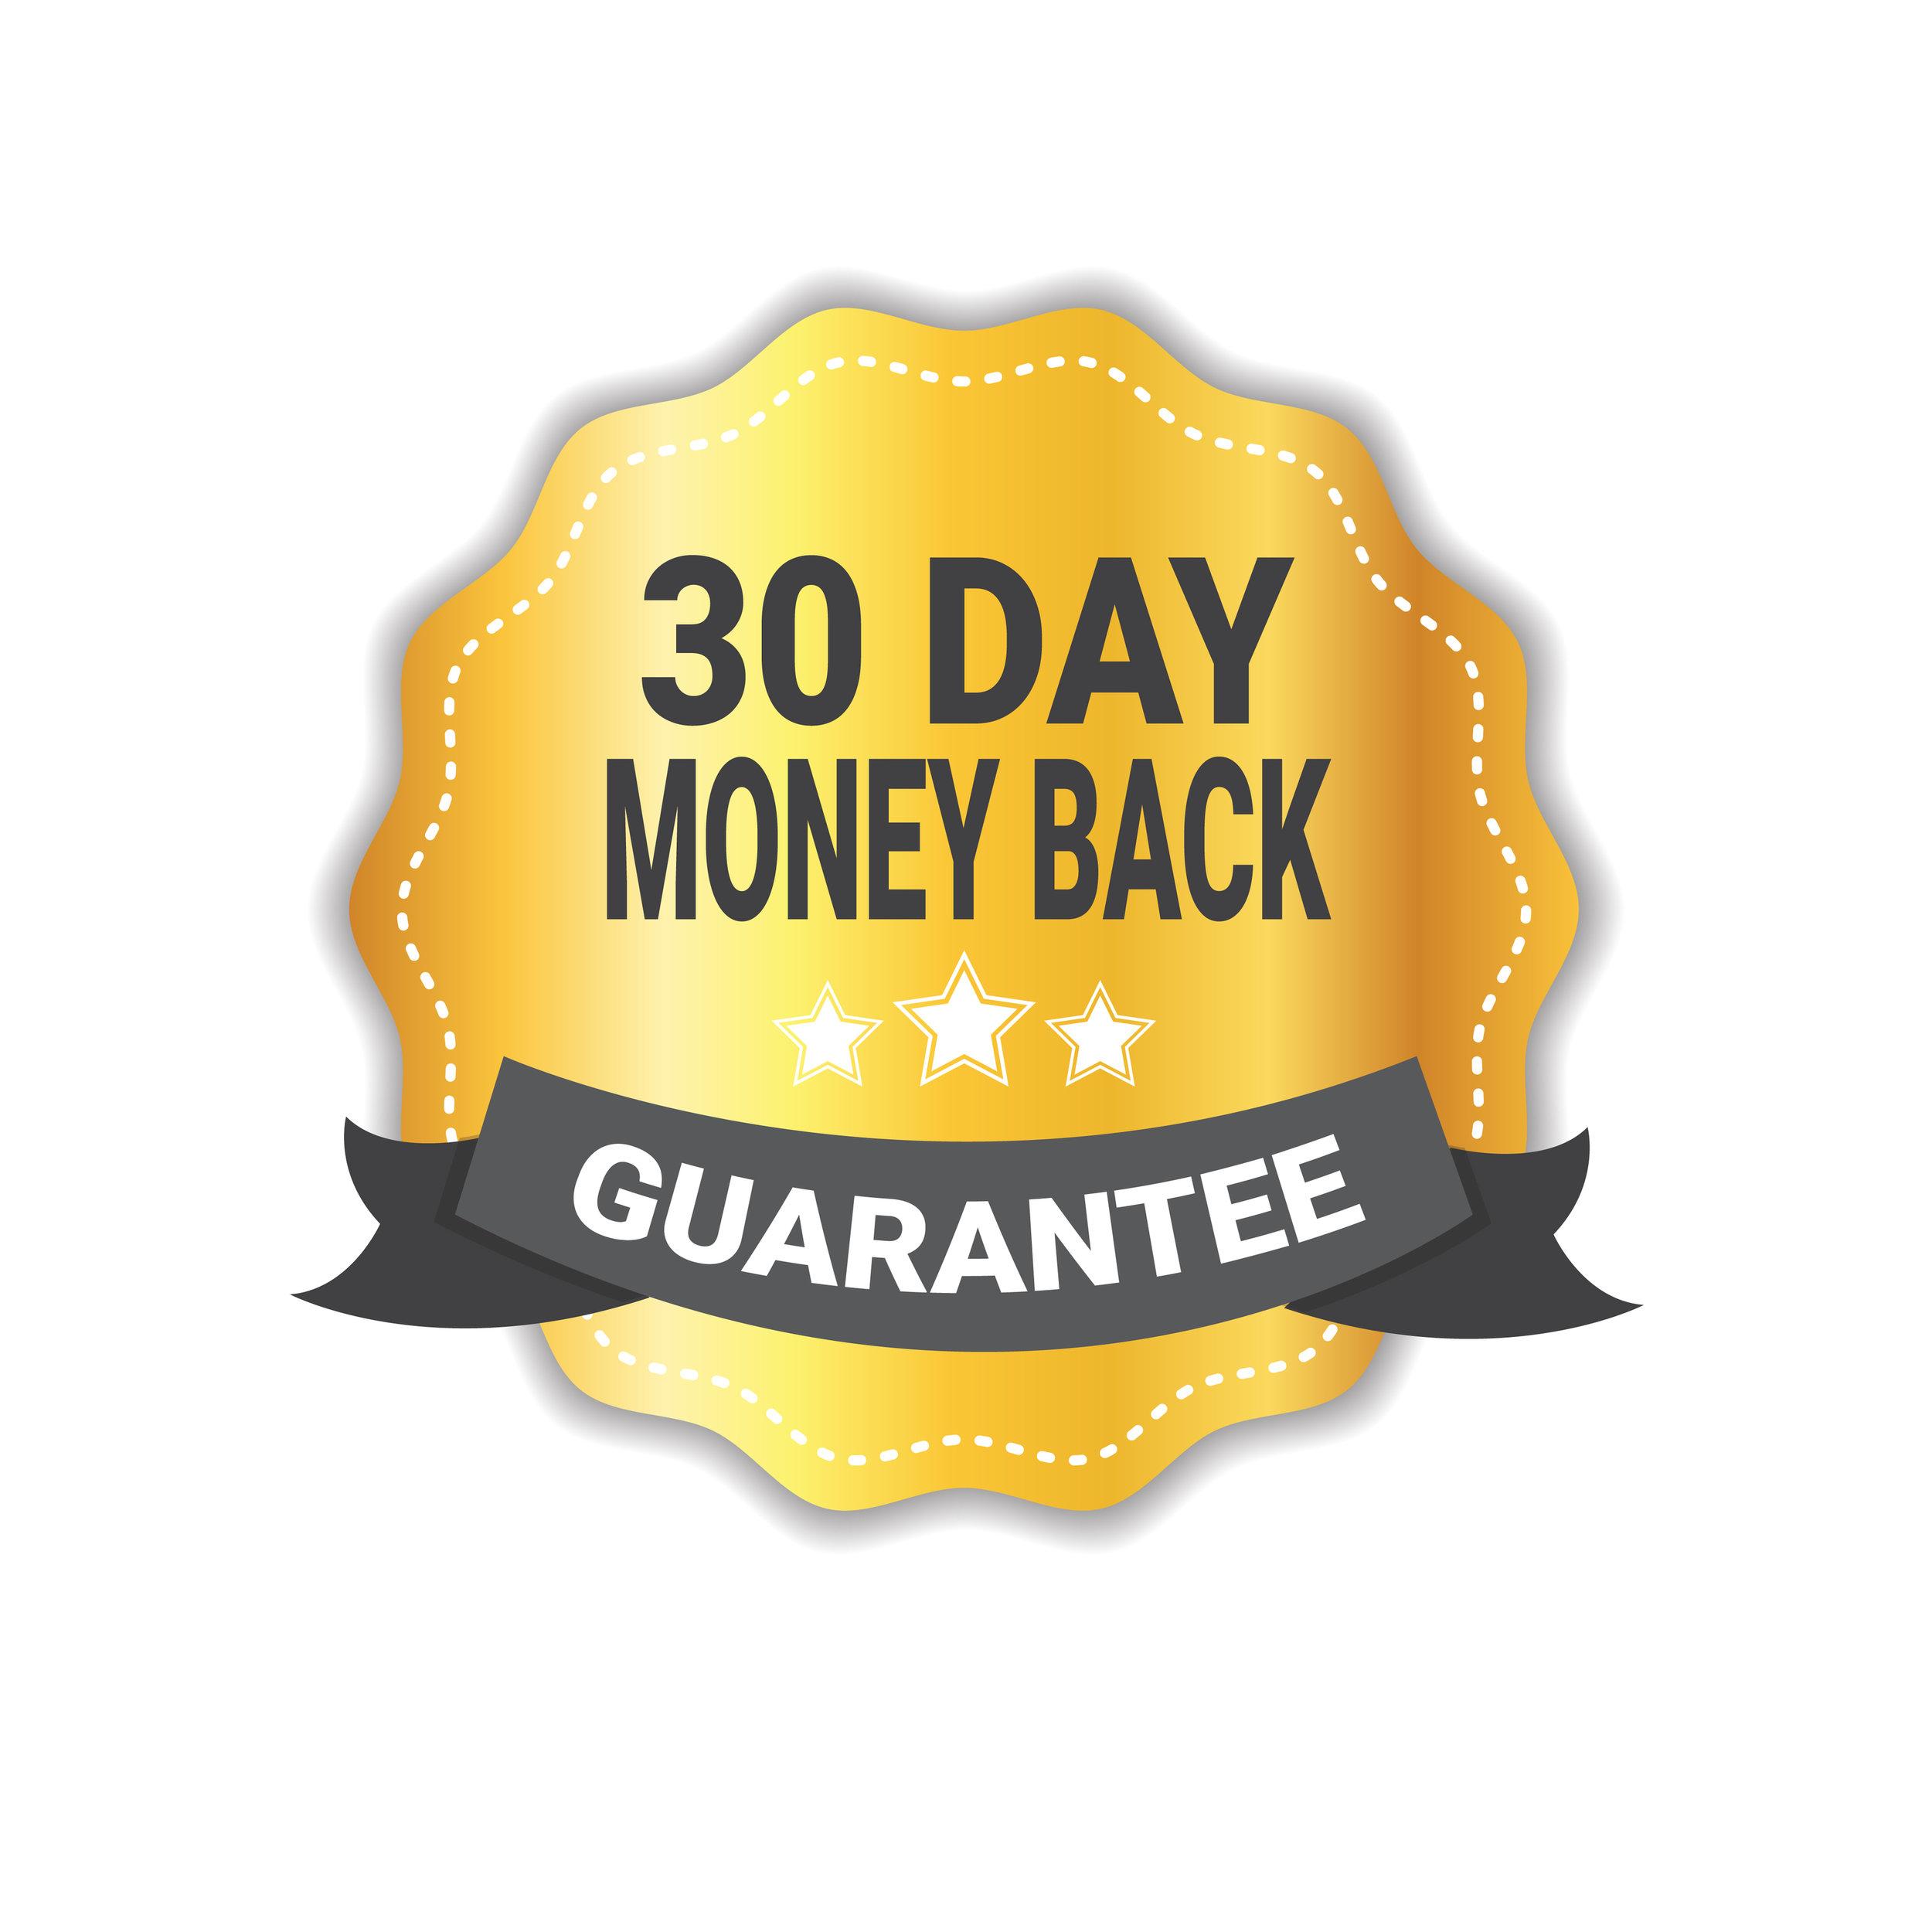 bigstock-Money-Back-In--Days-Guarante-226540246.jpg